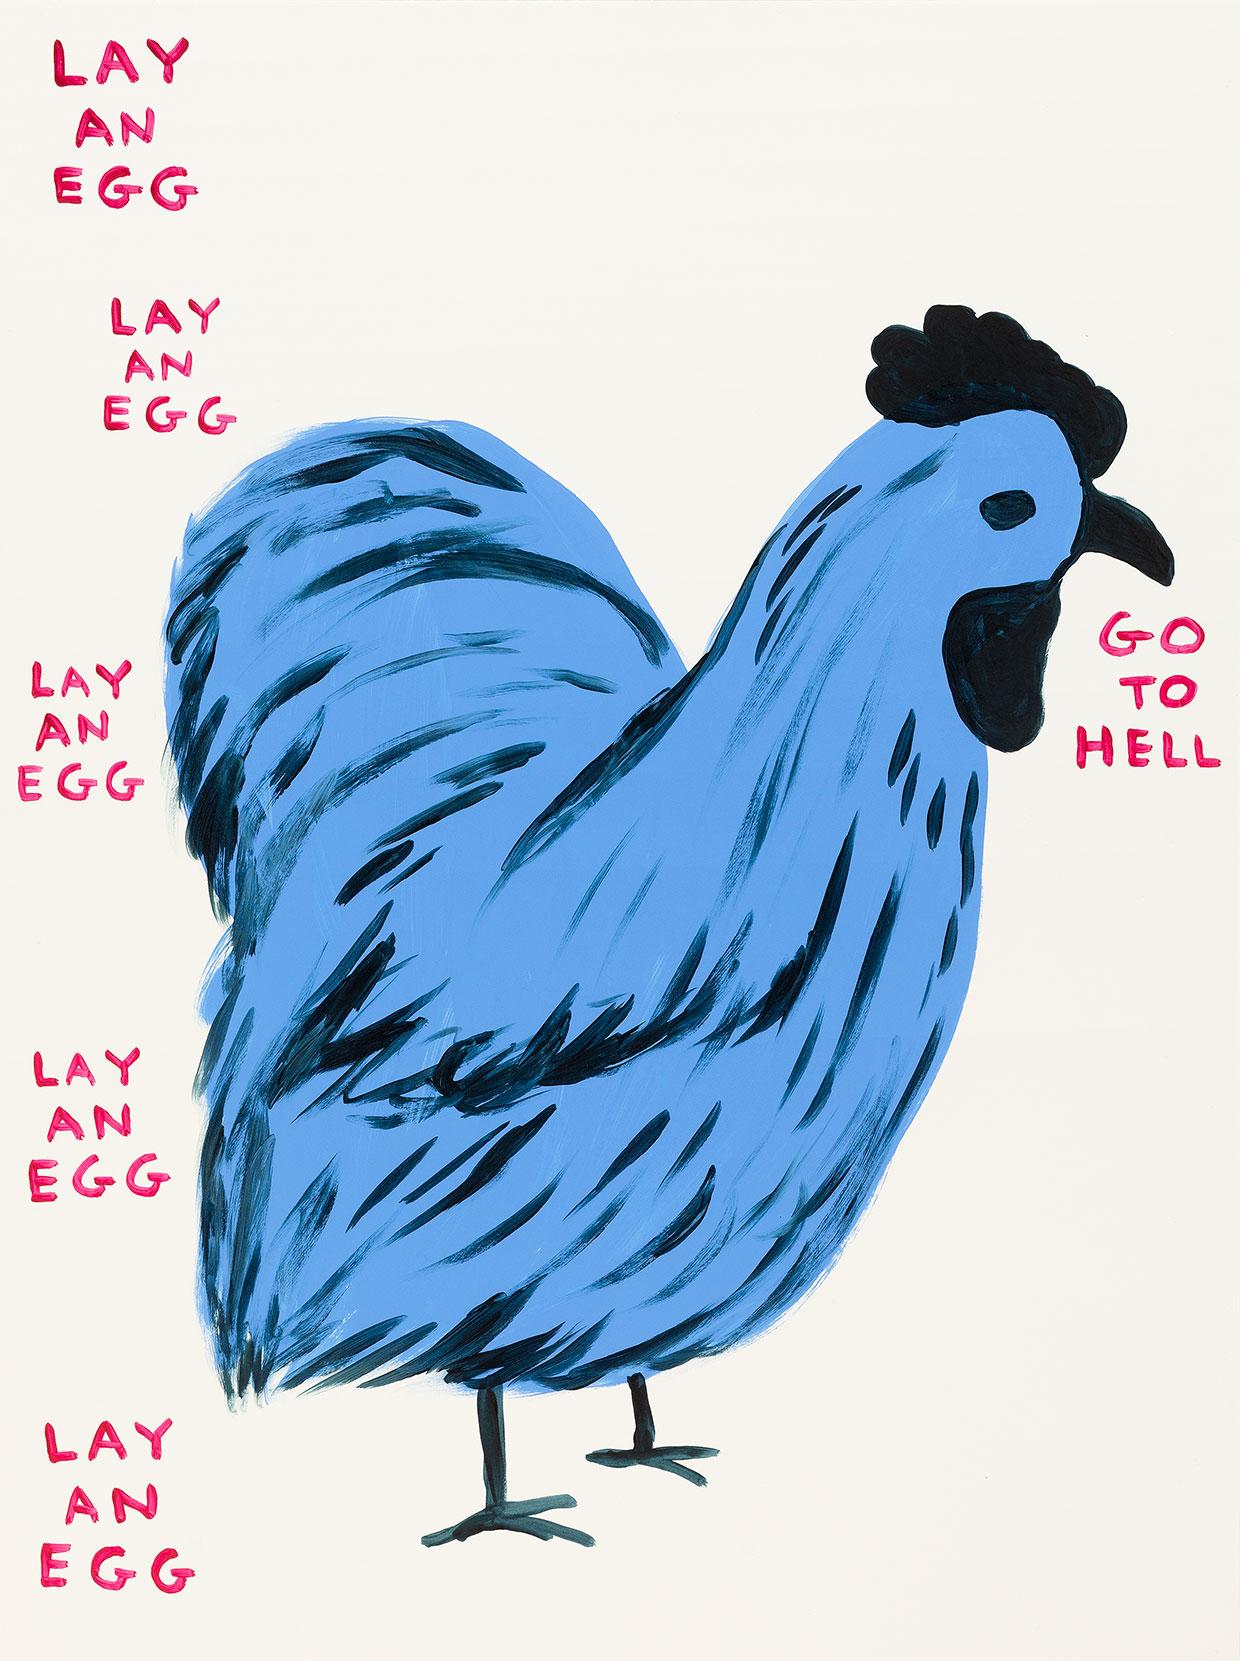 David Shrigley, Untitled (Lay An Egg), 2019. Courtesy kunstneren og Galleri Nicolai Wallner